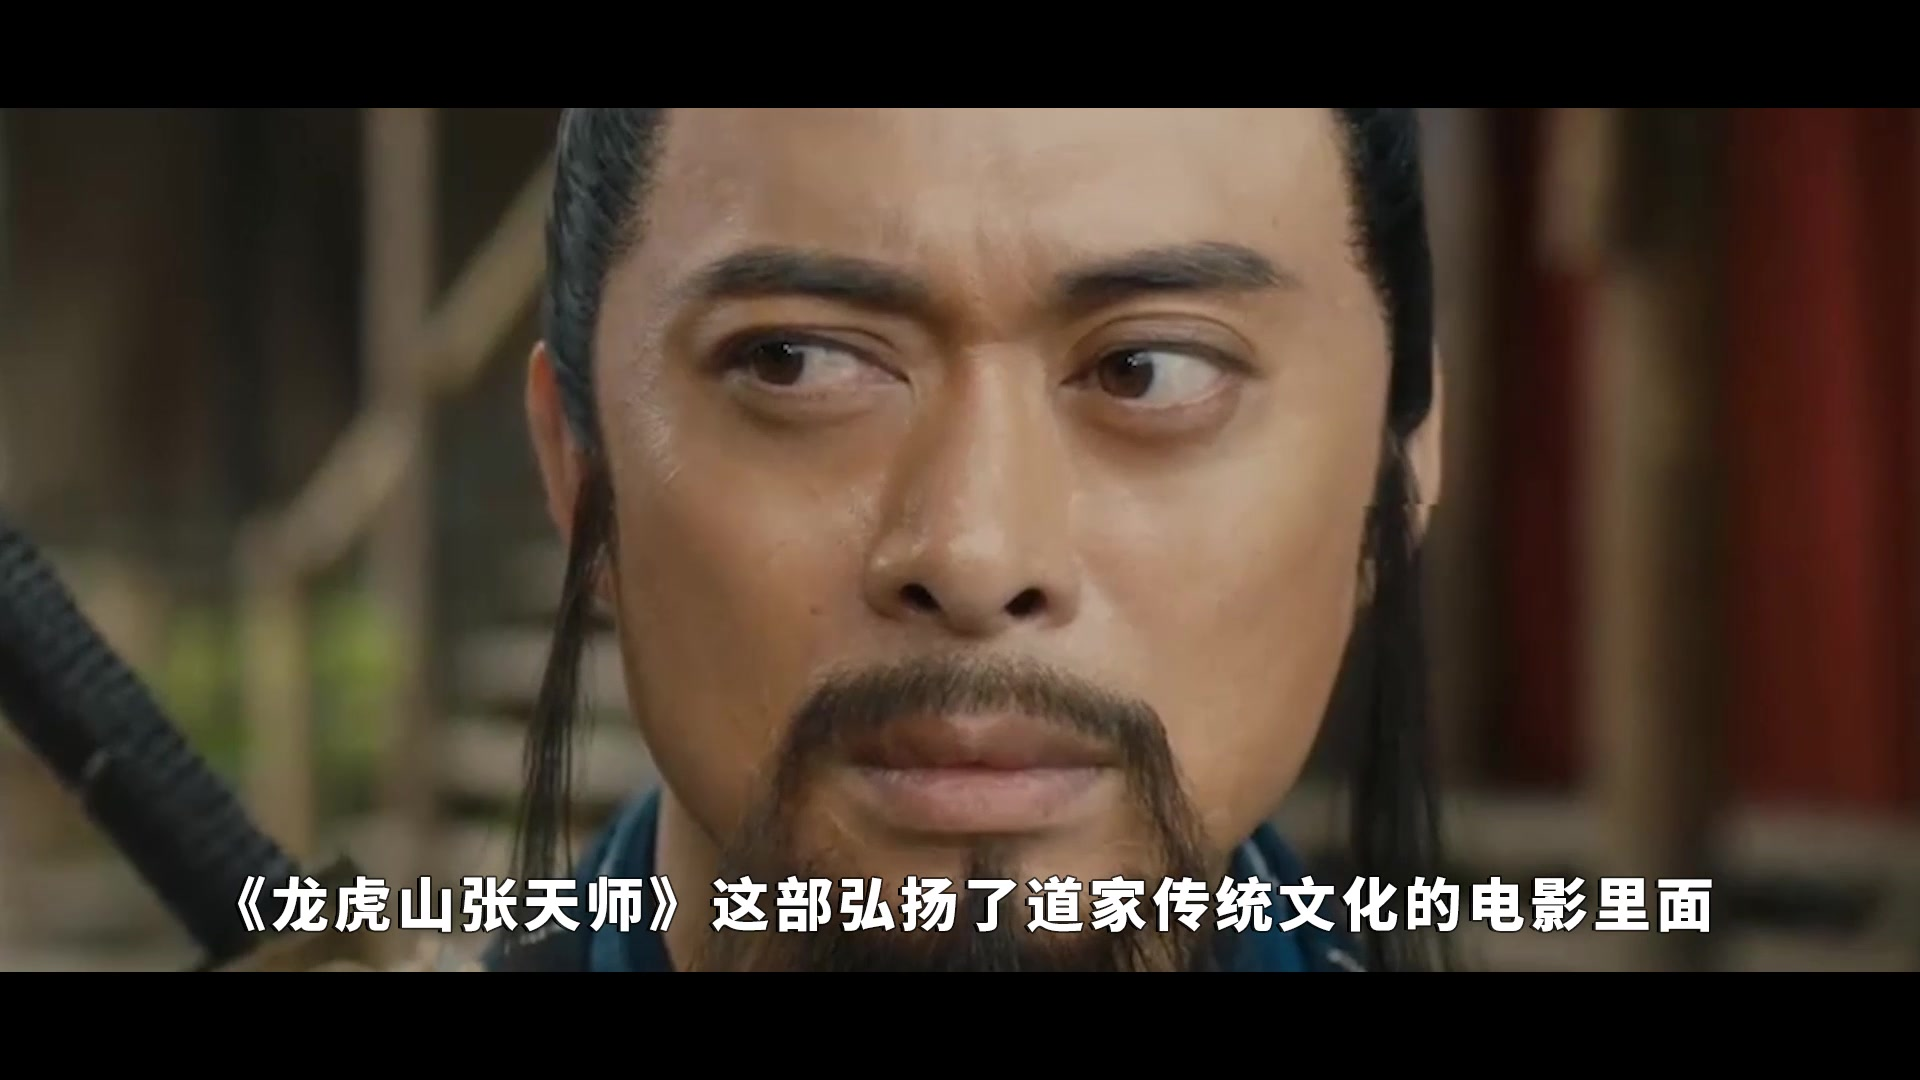 #电影迷的修养#《龙虎山张天师》长须髯斩邪剑,樊少皇霸气在线斗妖魔